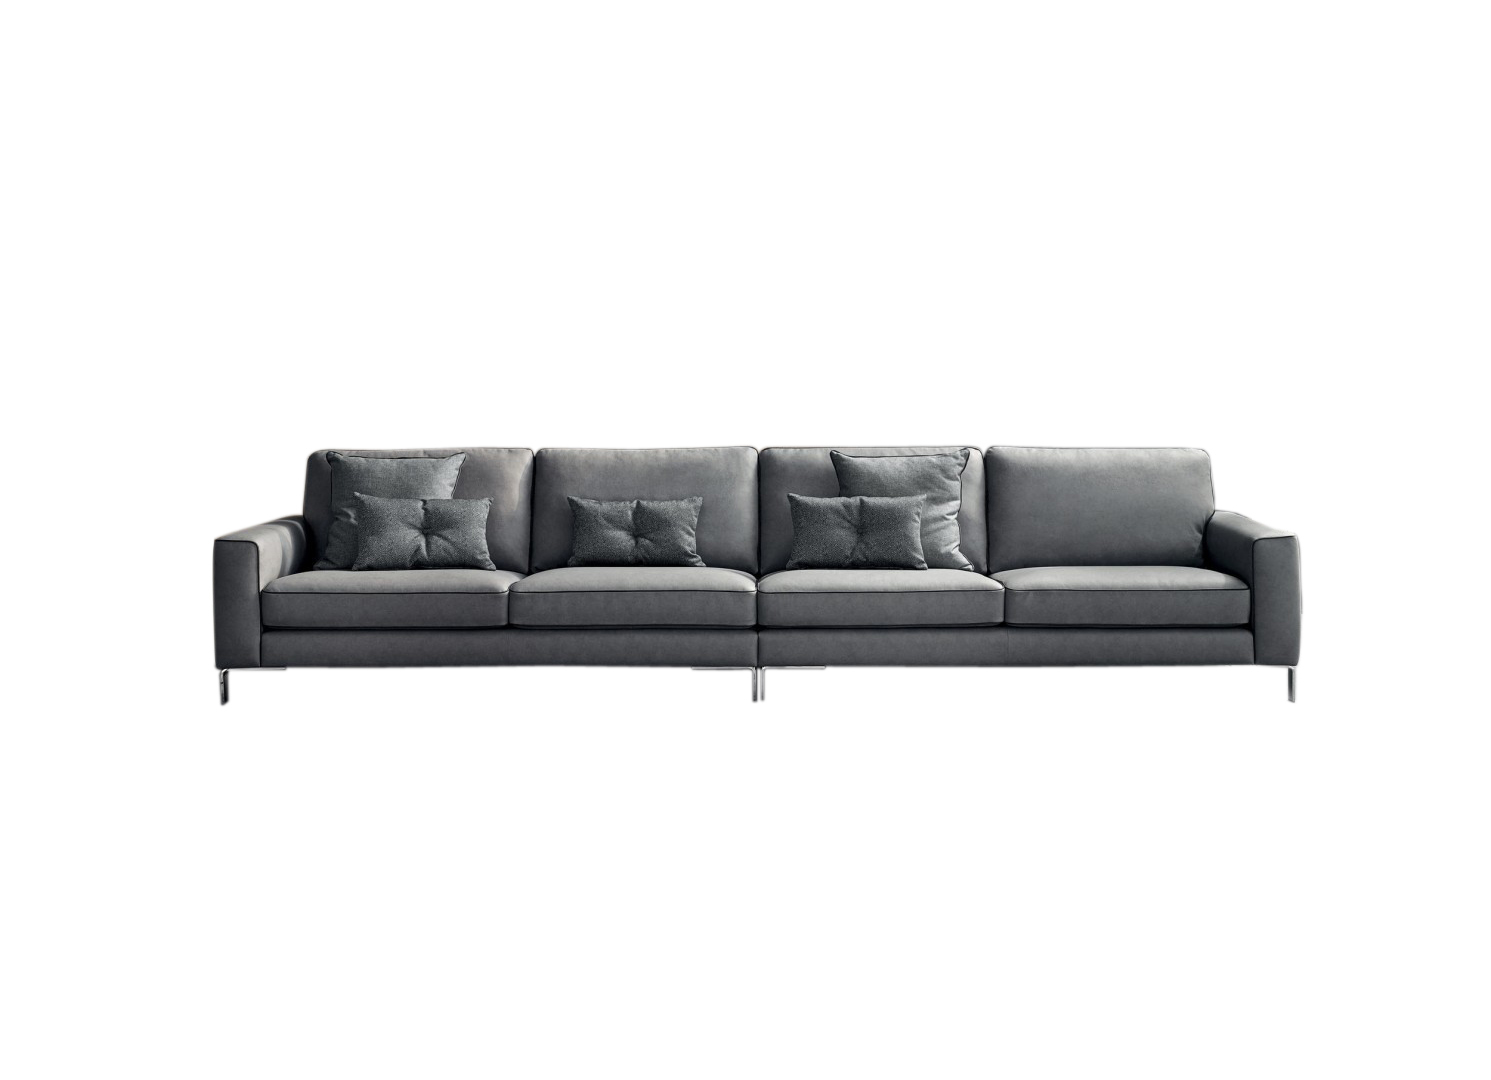 Canapea fixa 4 locuri din piele Russel Double